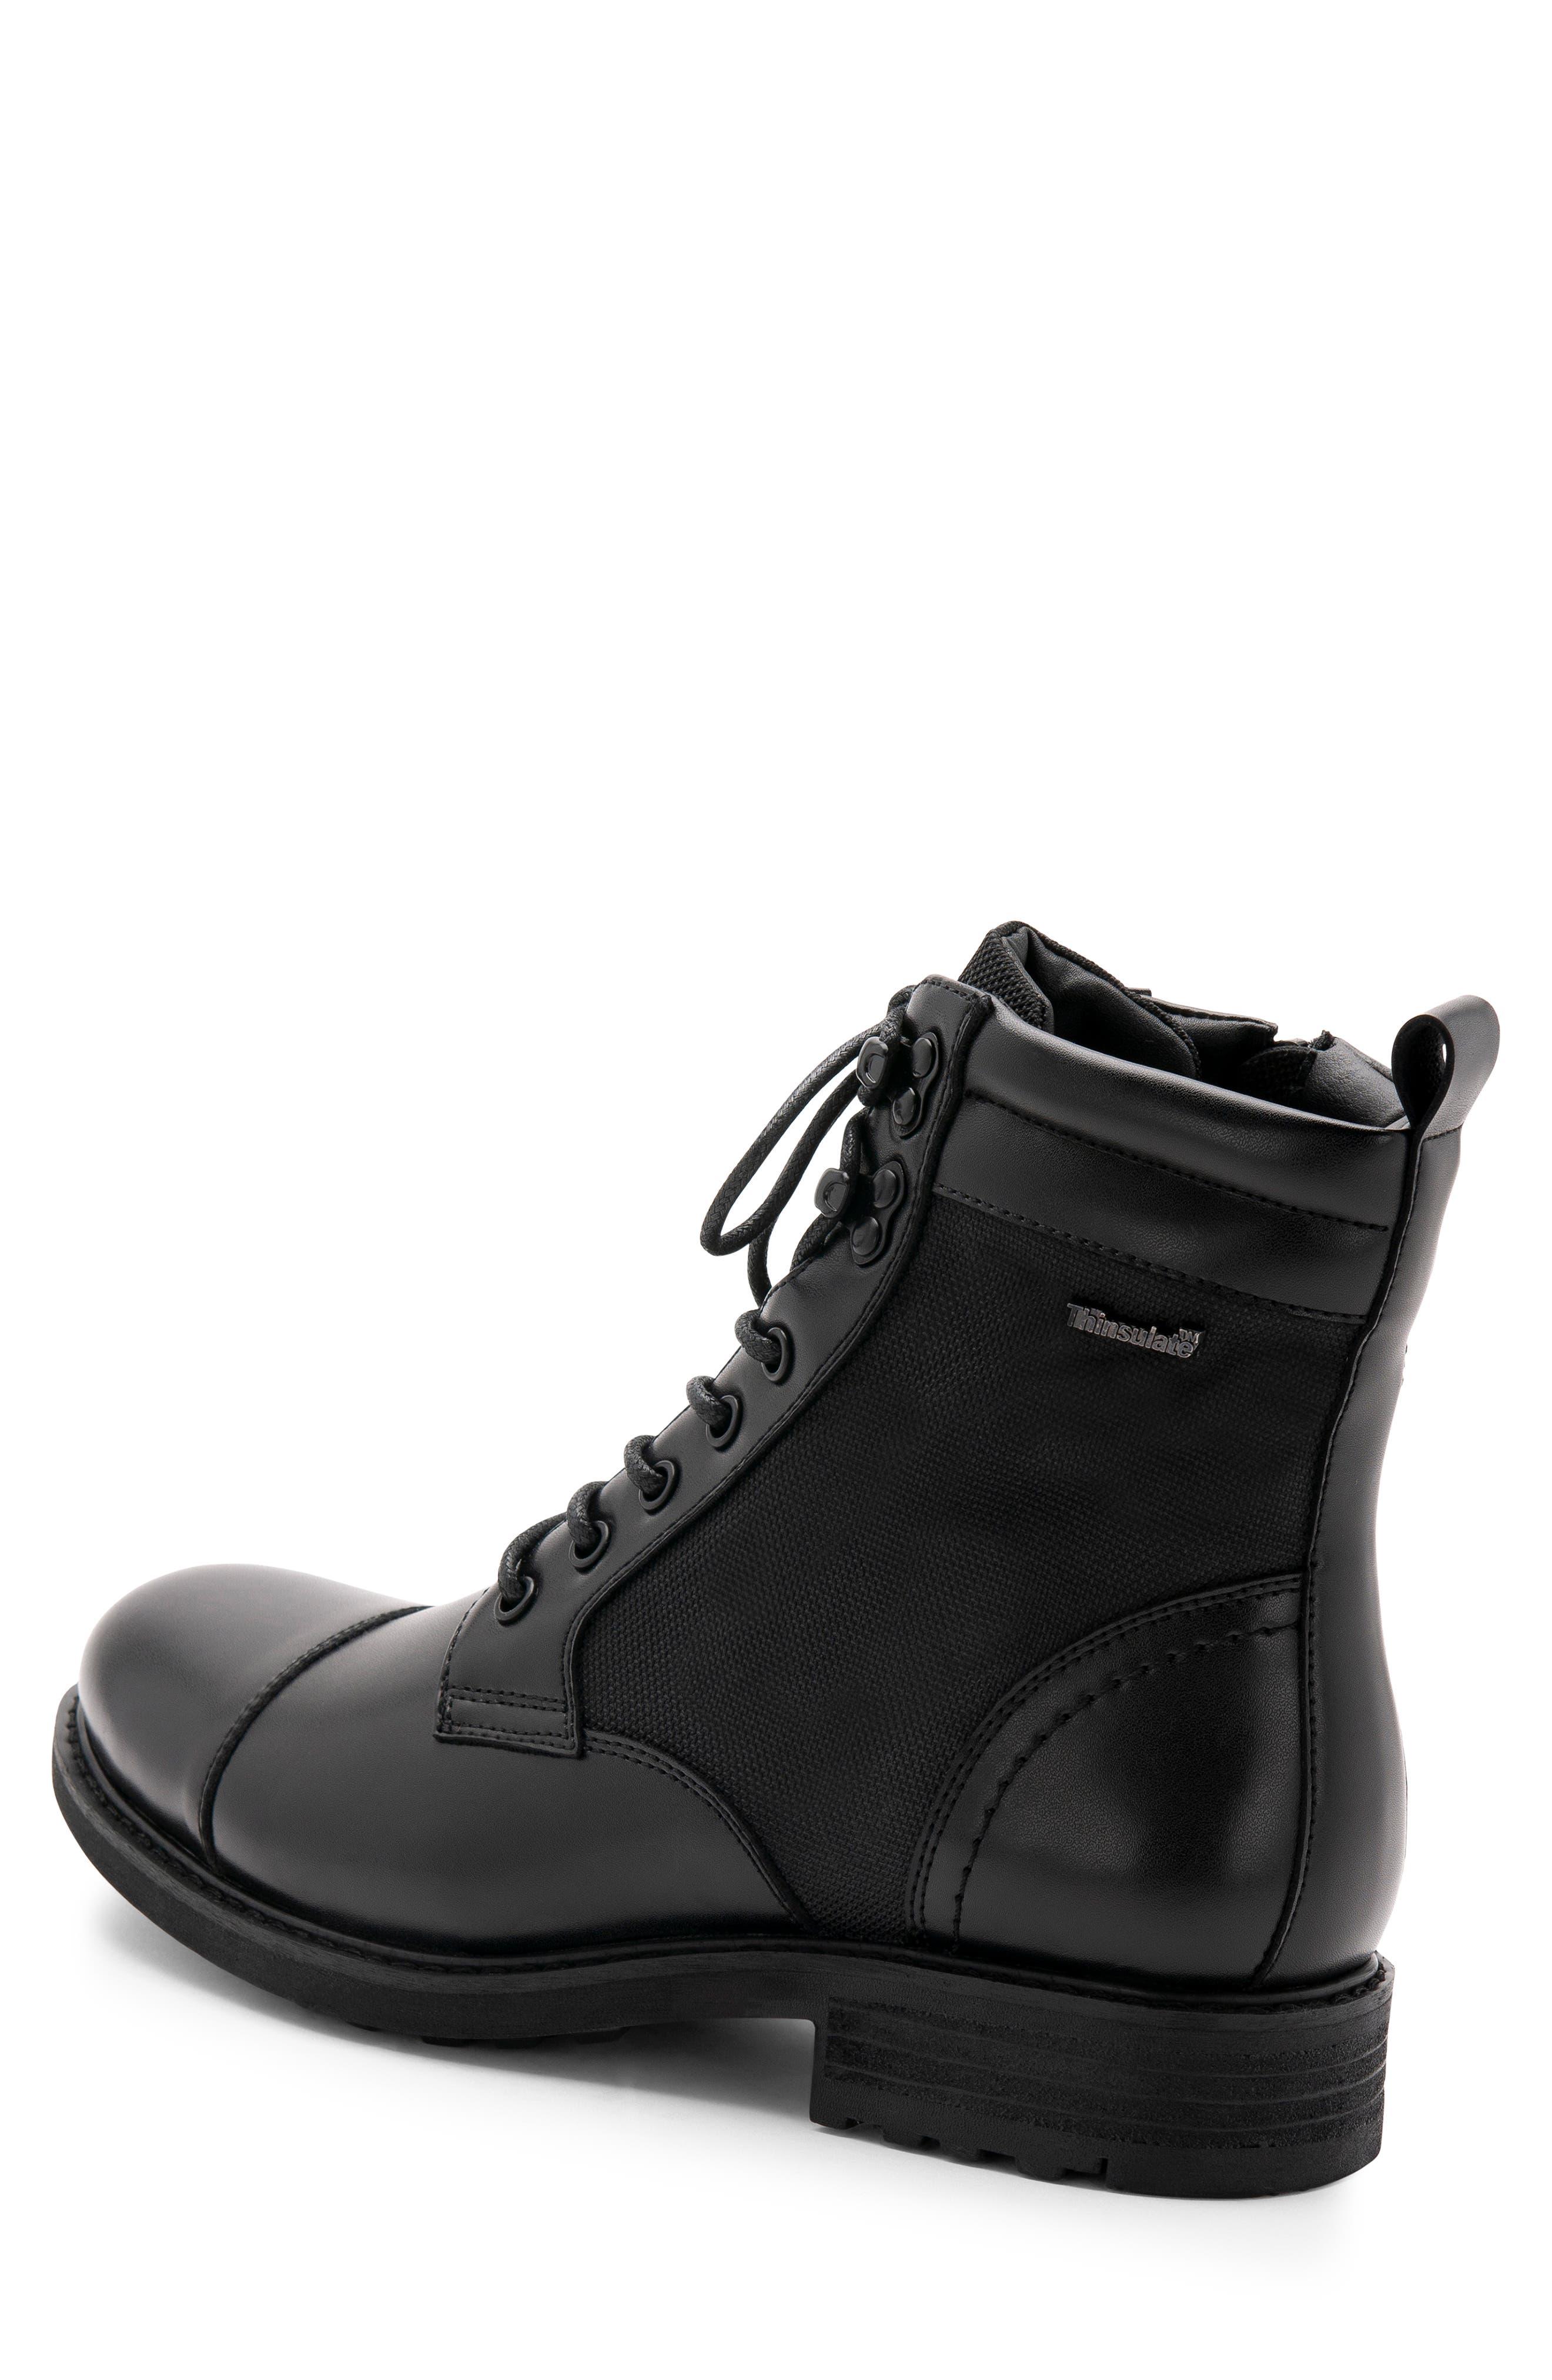 3fab8c5106a Men s Blondo Shoes